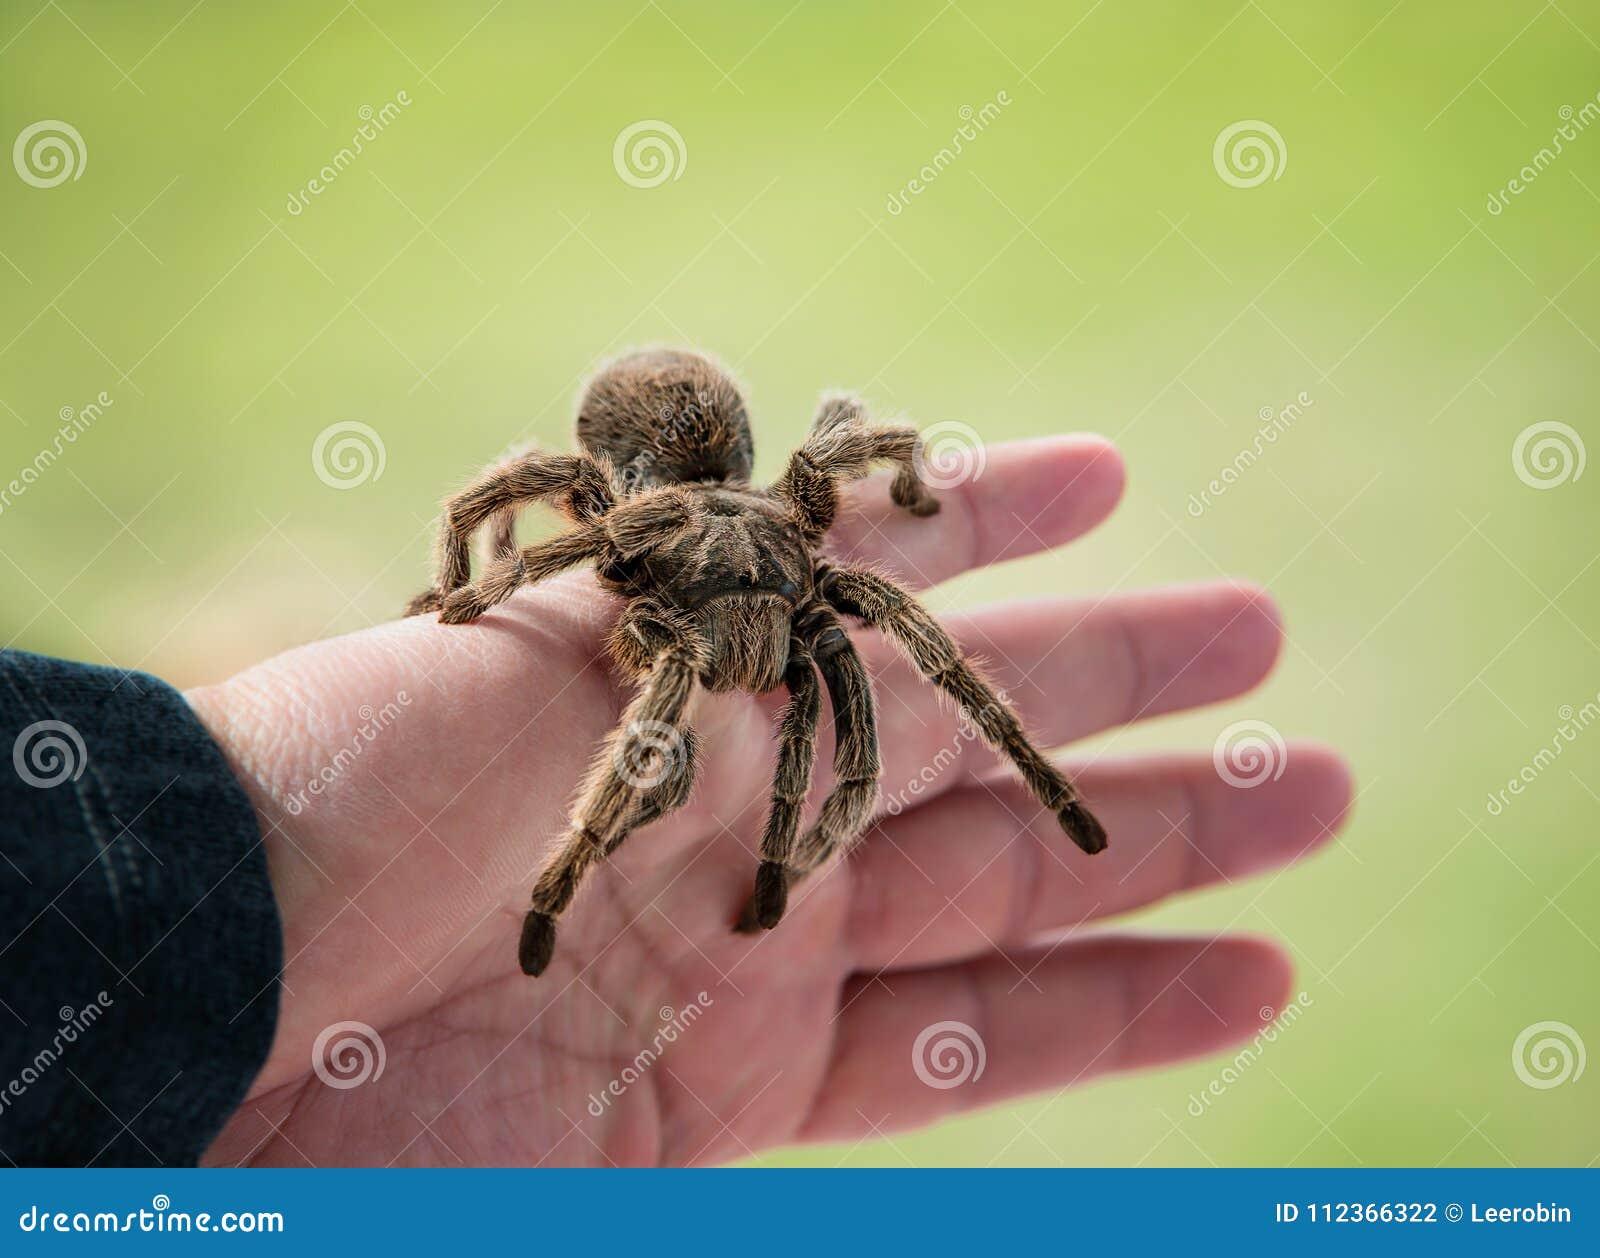 Main tenant une araignée de tarentule